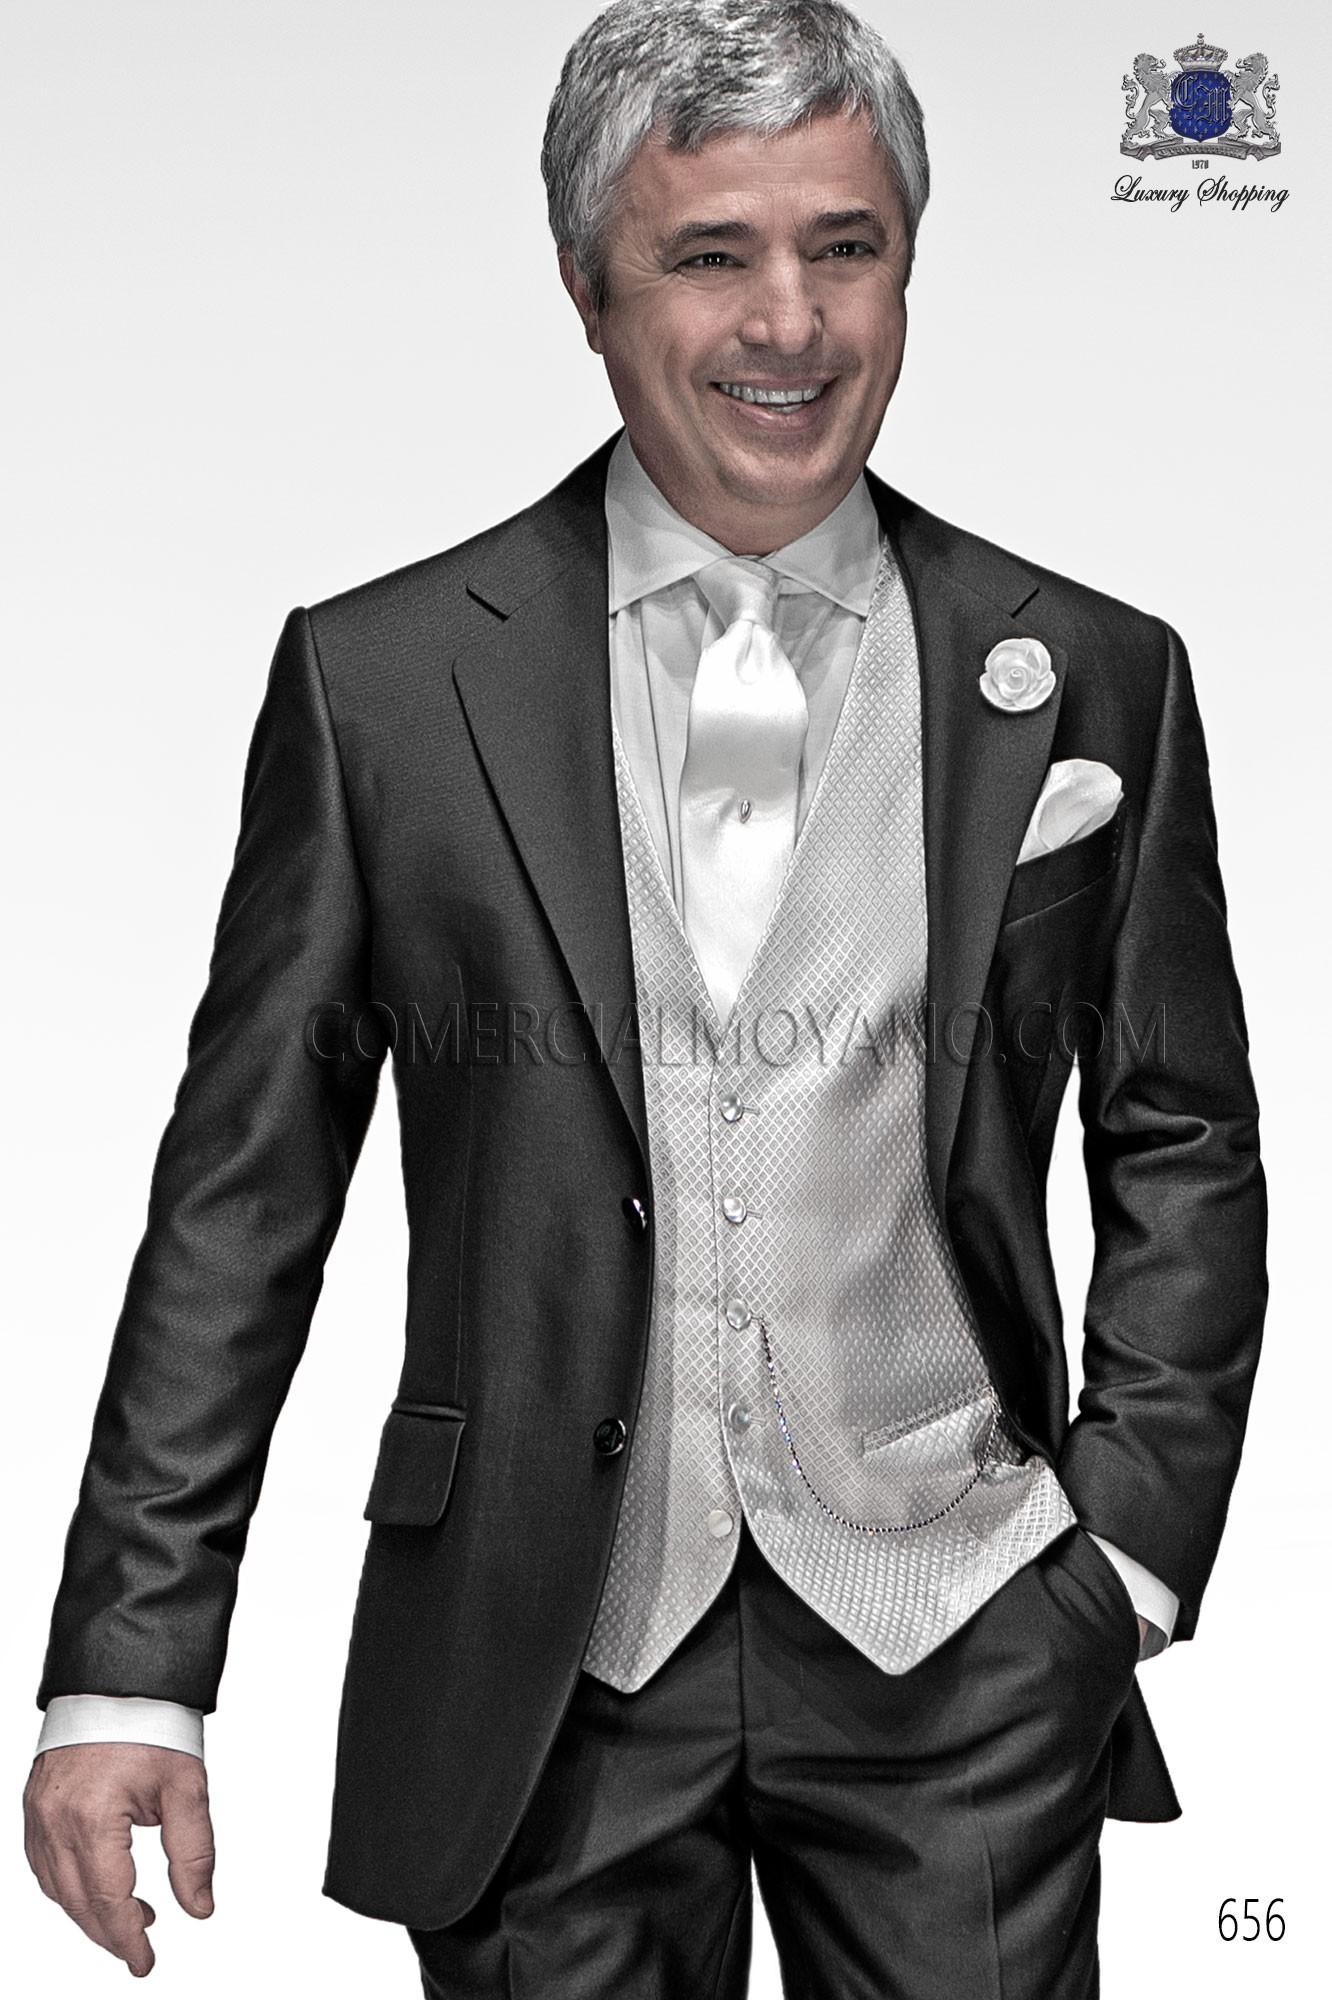 Traje Gentleman de novio gris modelo: 656 Ottavio Nuccio Gala colección Gentleman